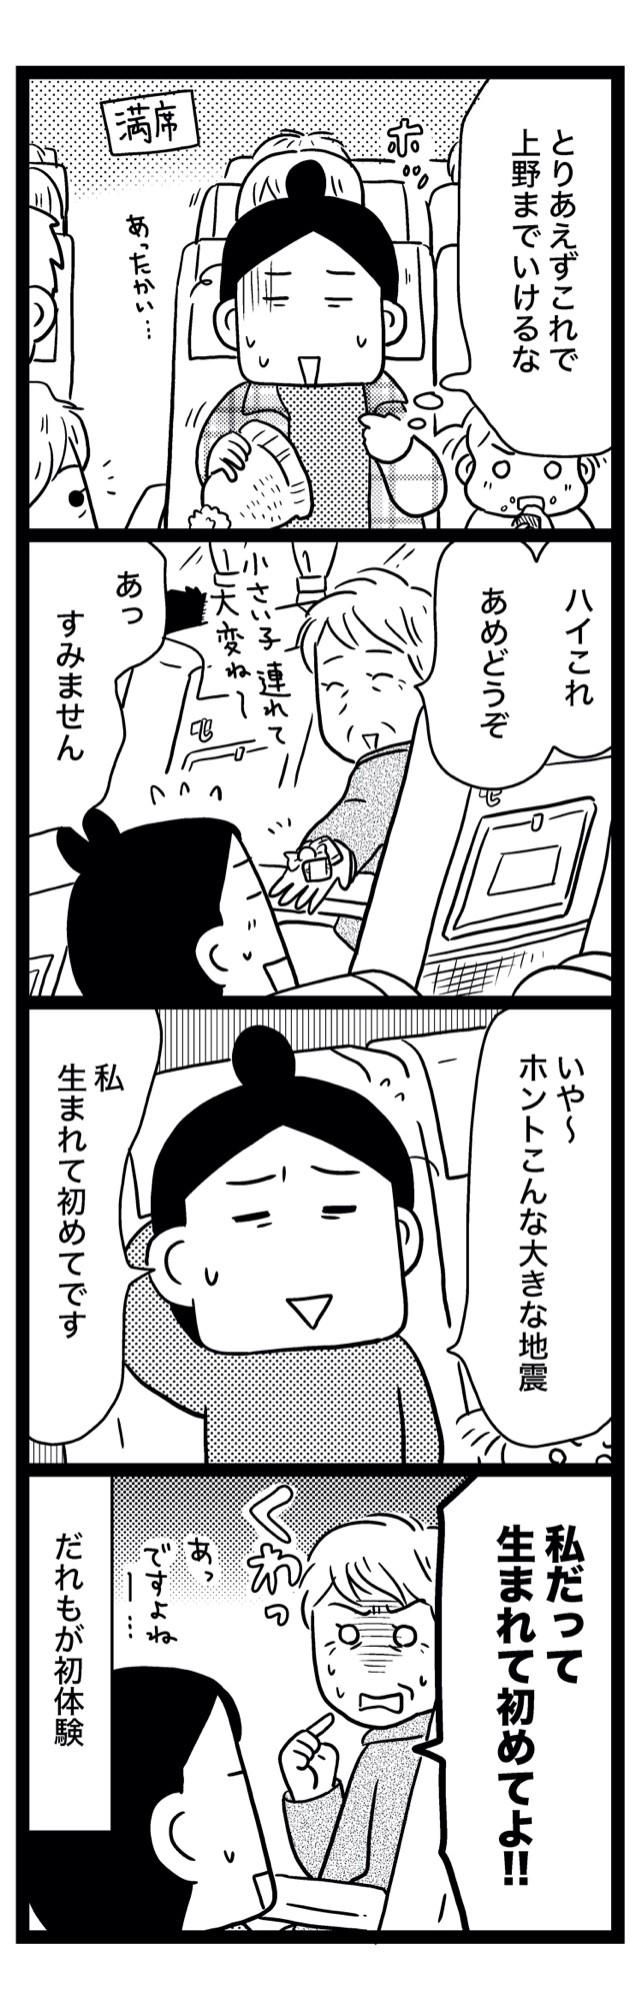 sinsai5-6